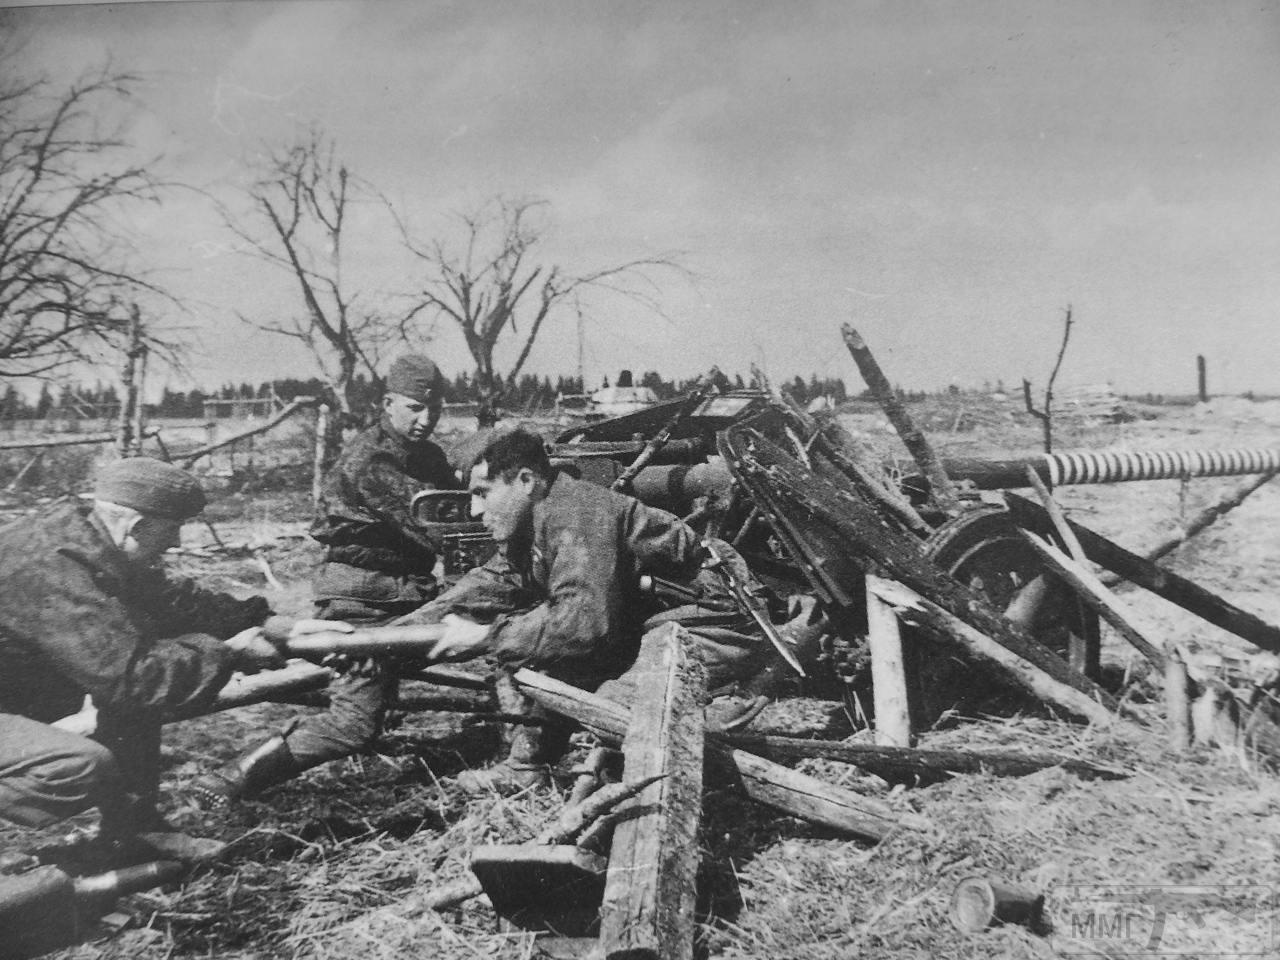 74892 - Немецкая артиллерия второй мировой